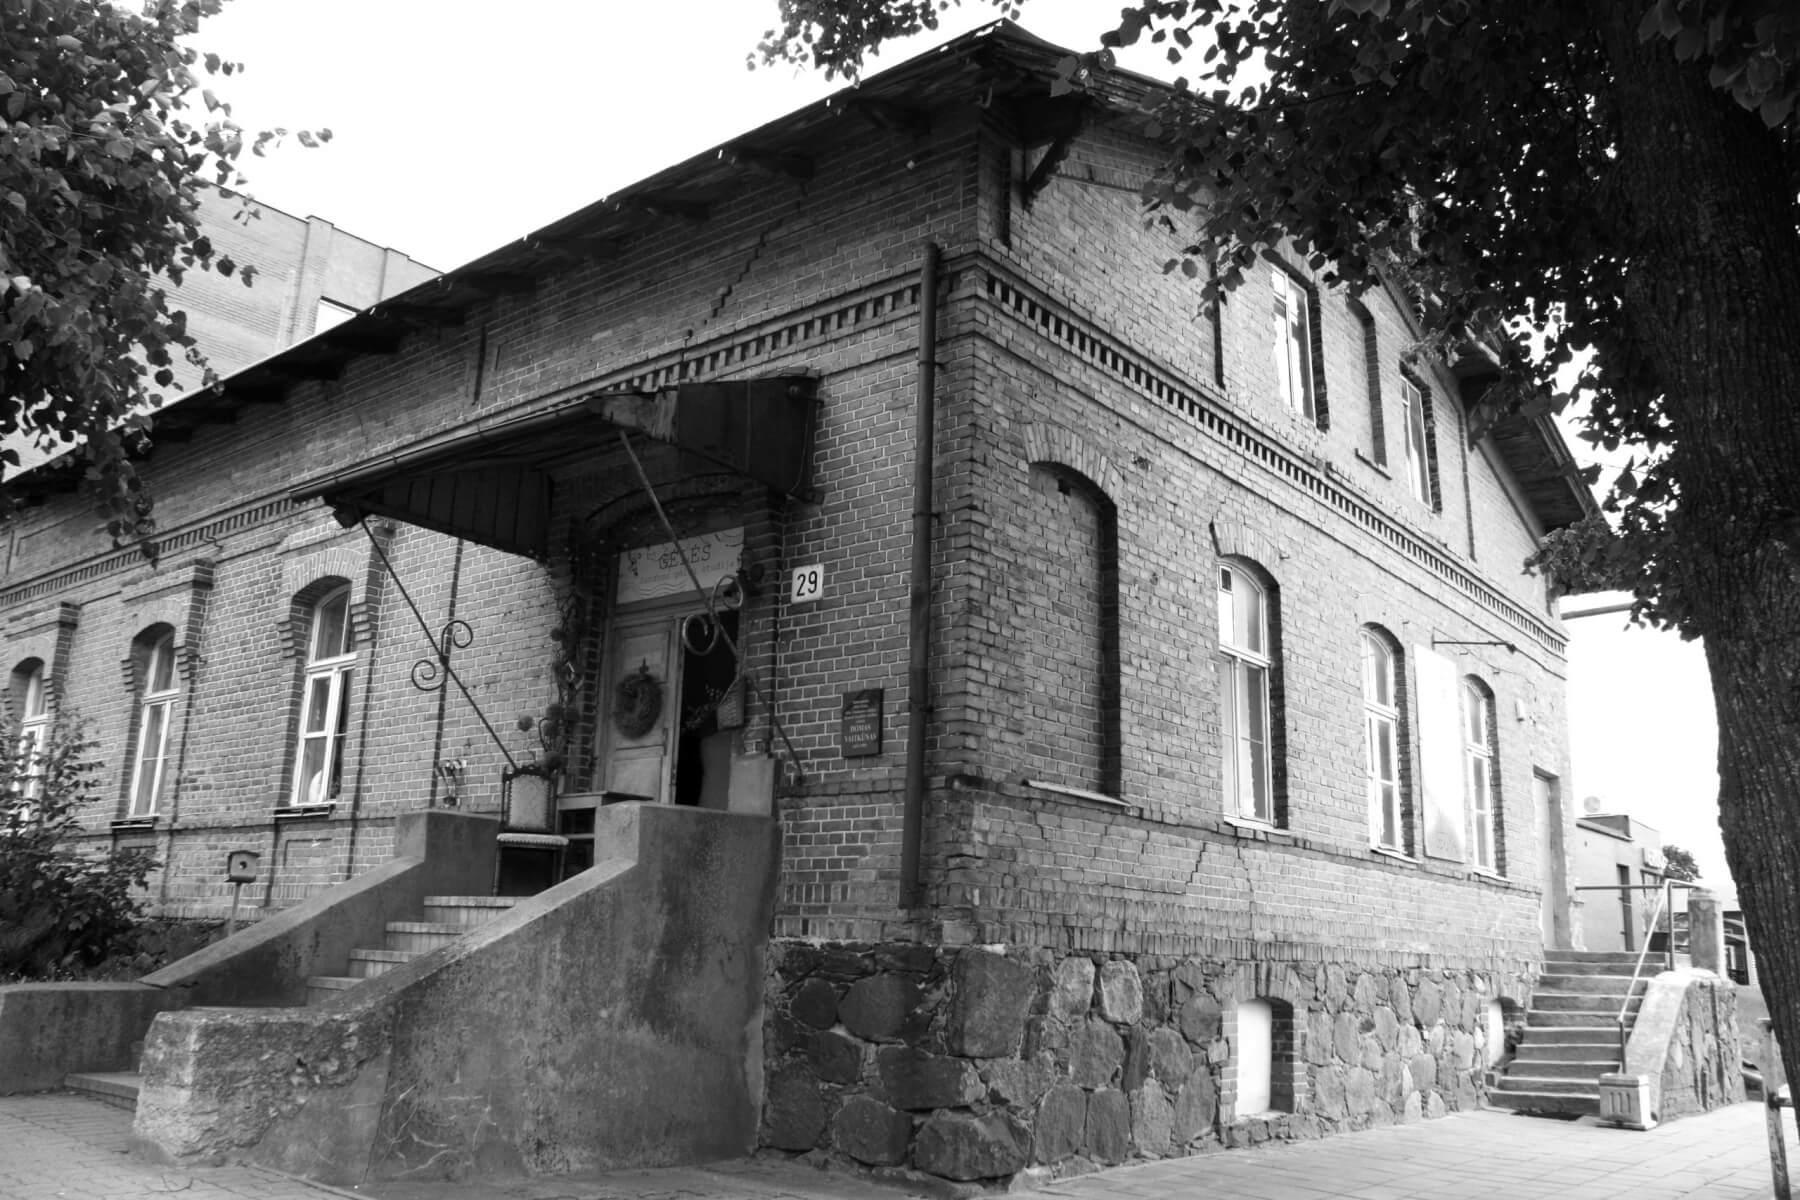 Pastatas, kuriame įsikūrę advokato Jono Algimanto Pakarklio kontora, Sandros gėlių studija, Kupiškio kebabai. Tai buvęs Kupiškio valsčiaus pastatas, statytas XIX a. 2021 m.